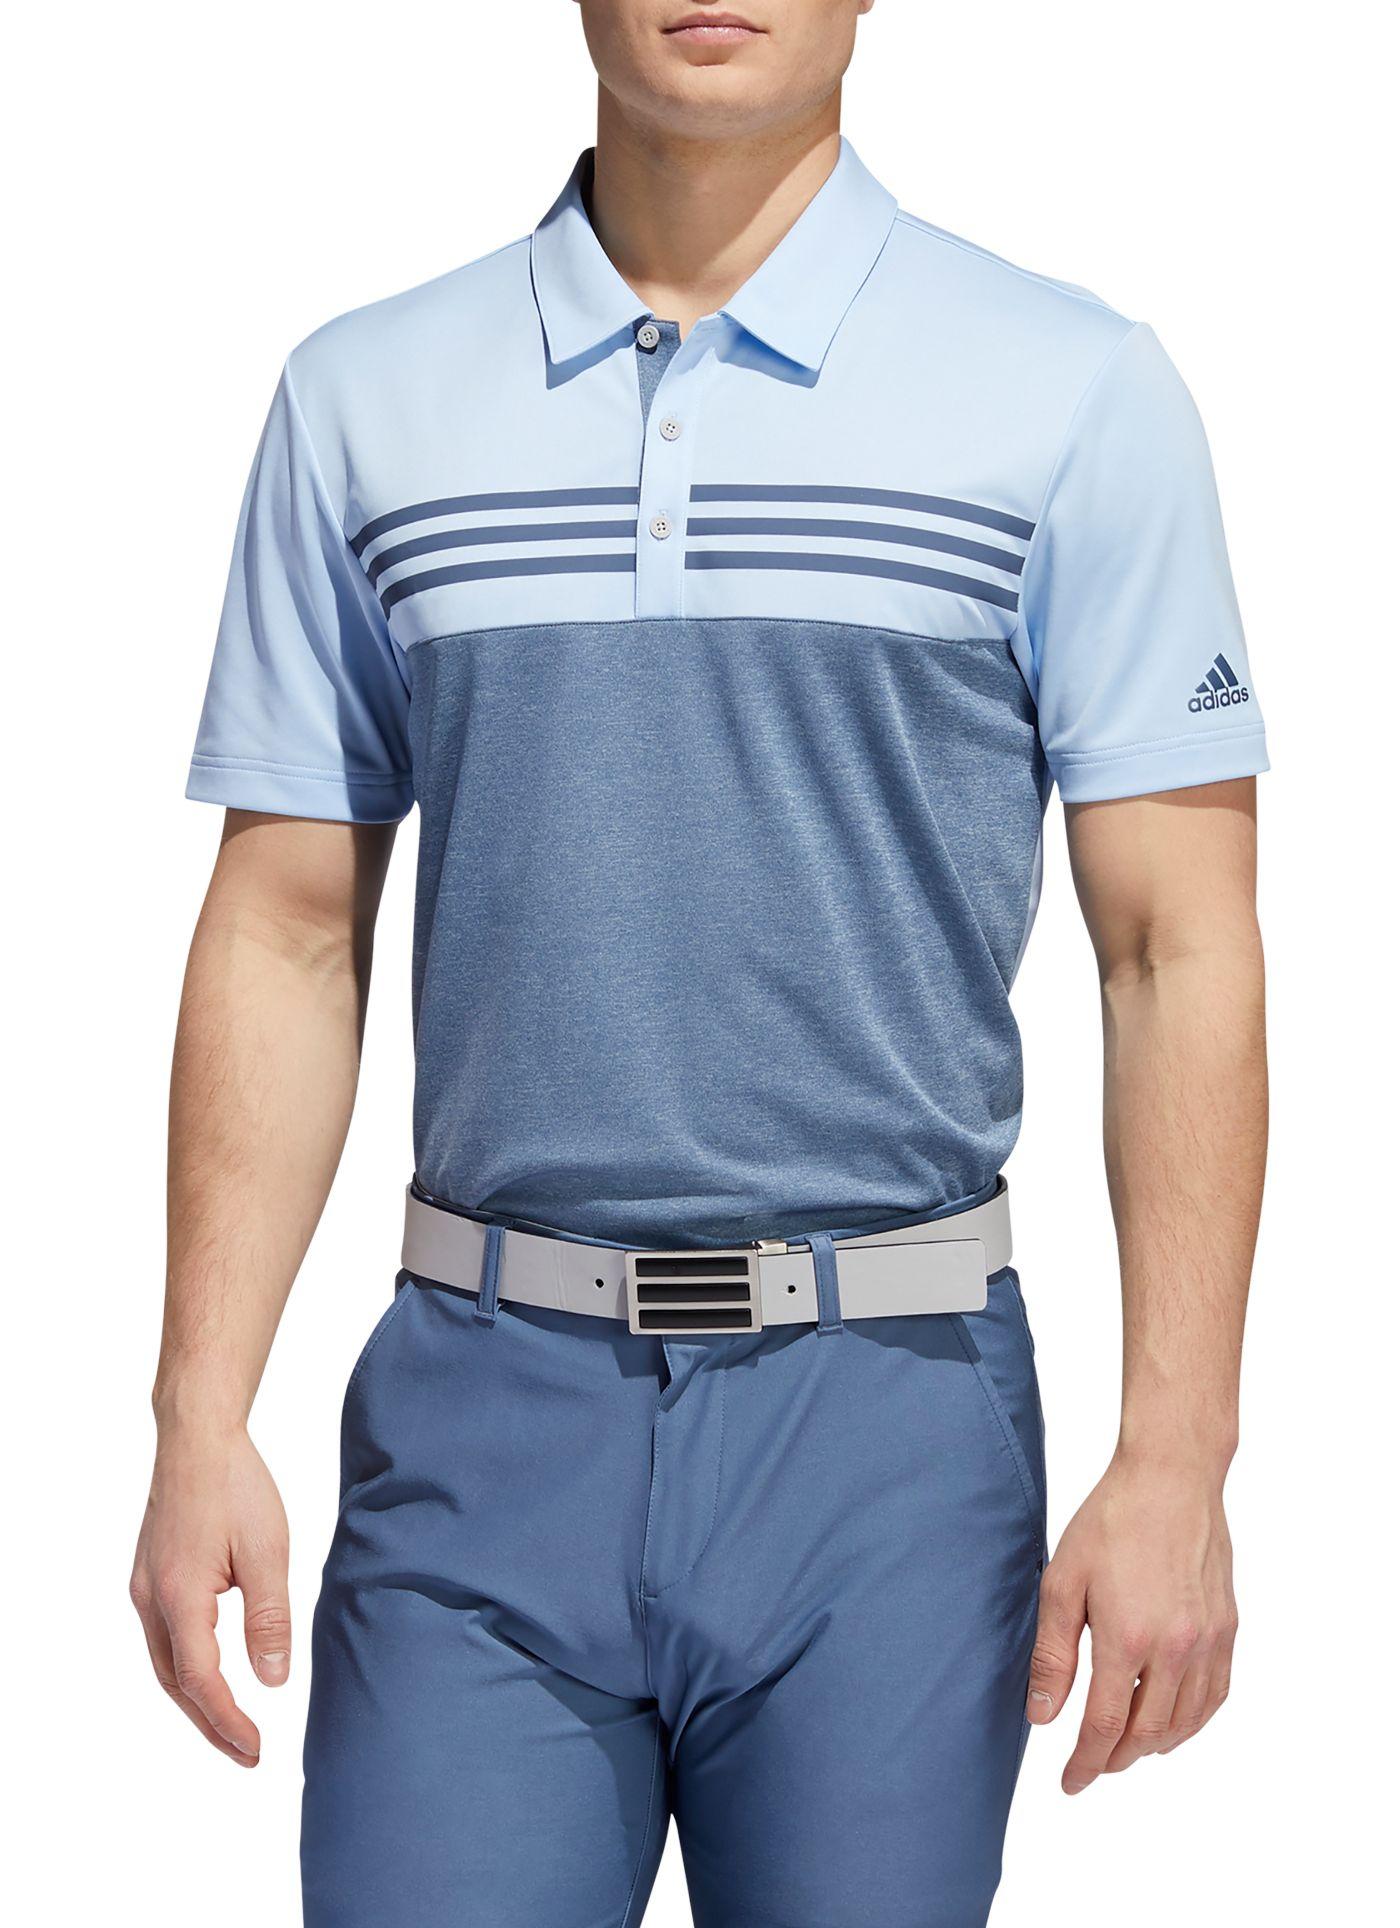 adidas Men's Heather Color Block Golf Polo